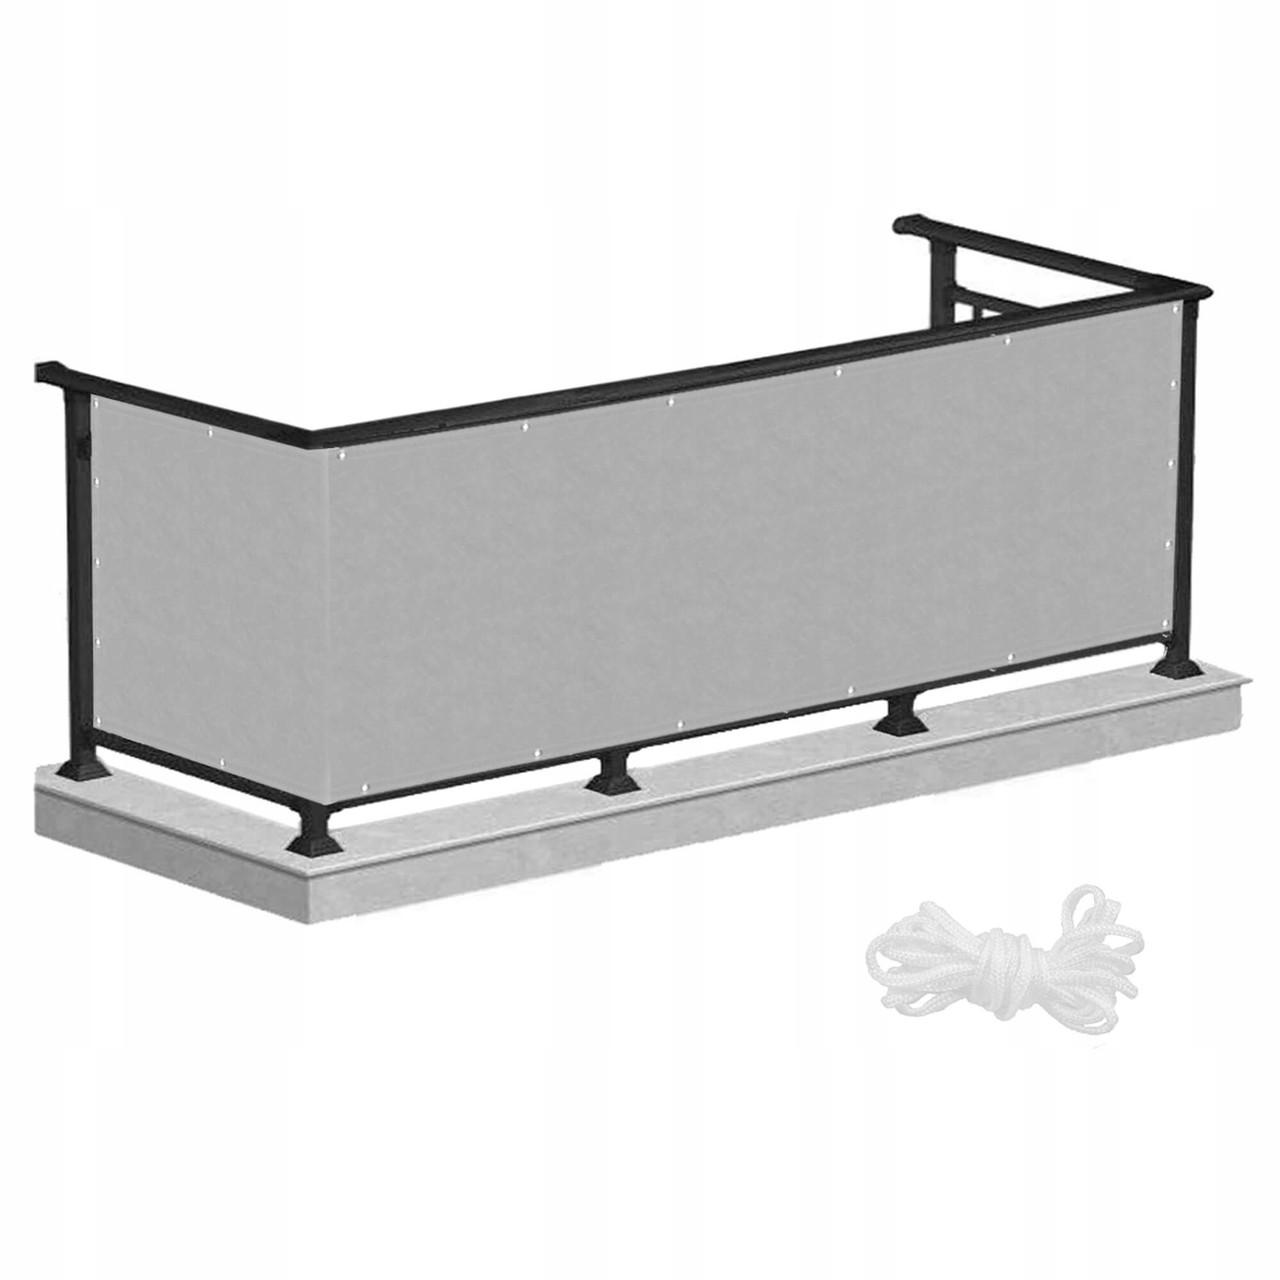 Ширма для балкона (балконный занавес) Springos 1 x 5 м BN1010 Grey для дома, дачи и квартиры